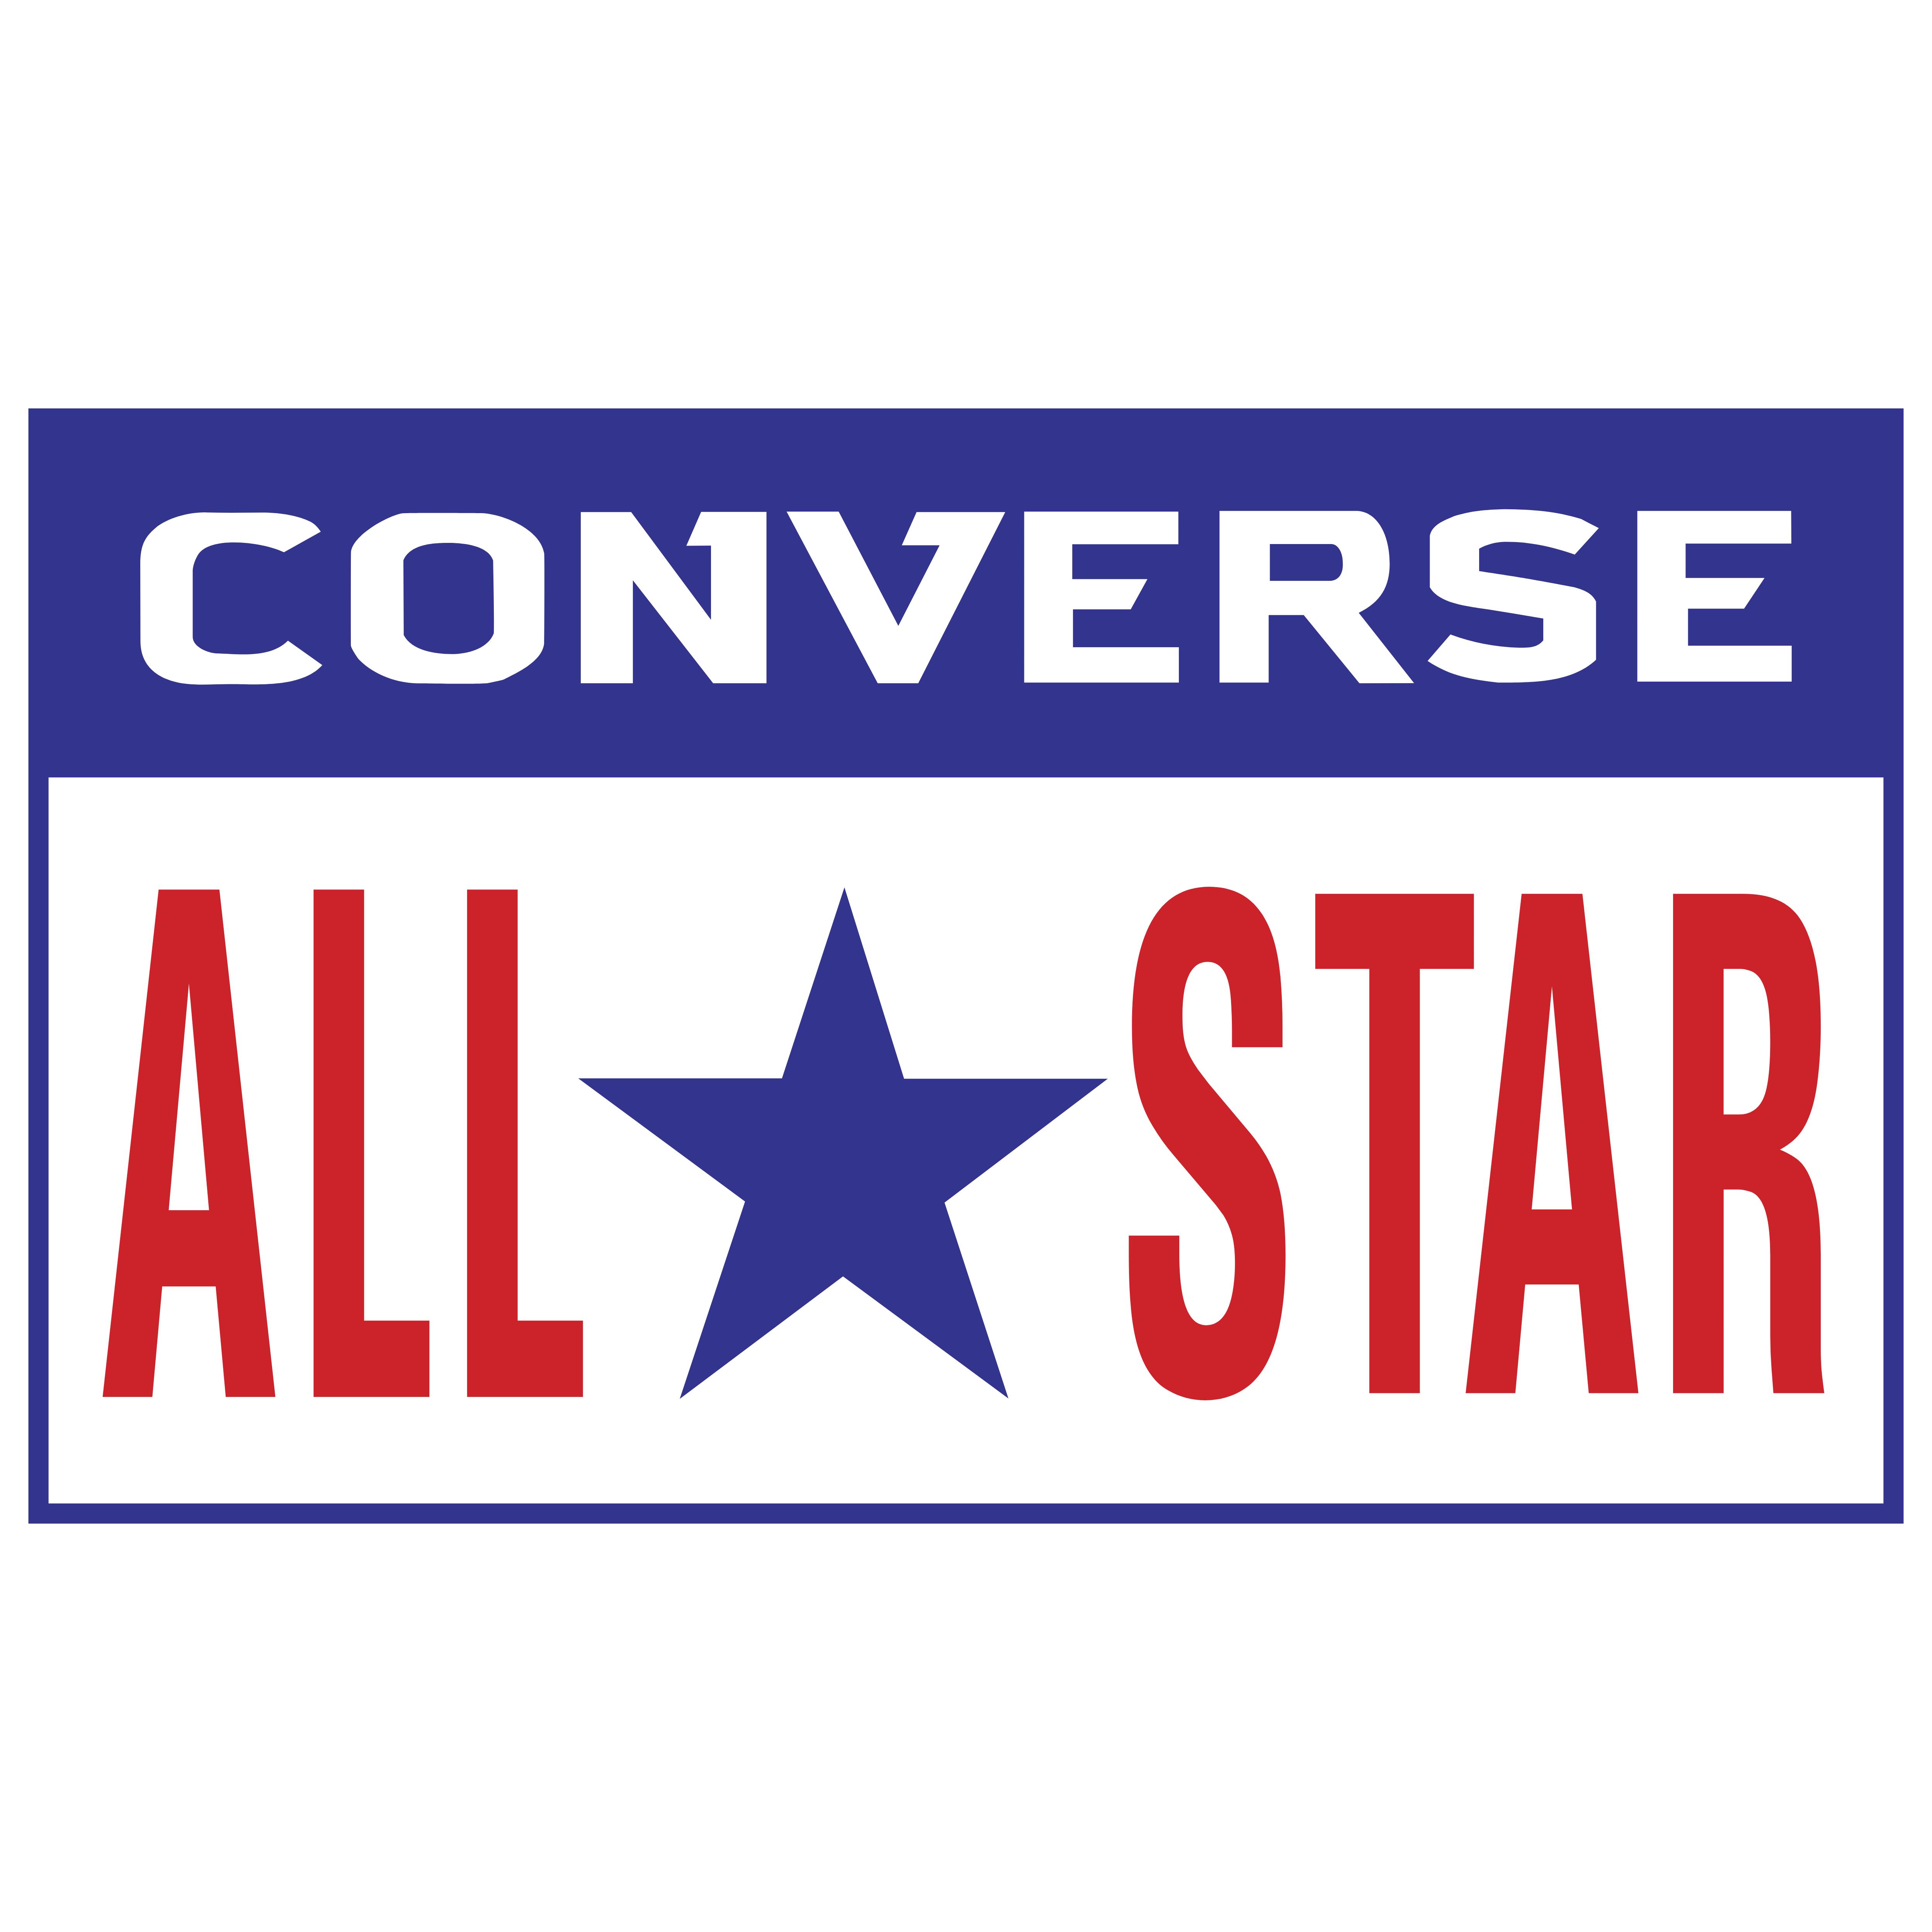 4822b4c9131af4 Converse – Logos Download